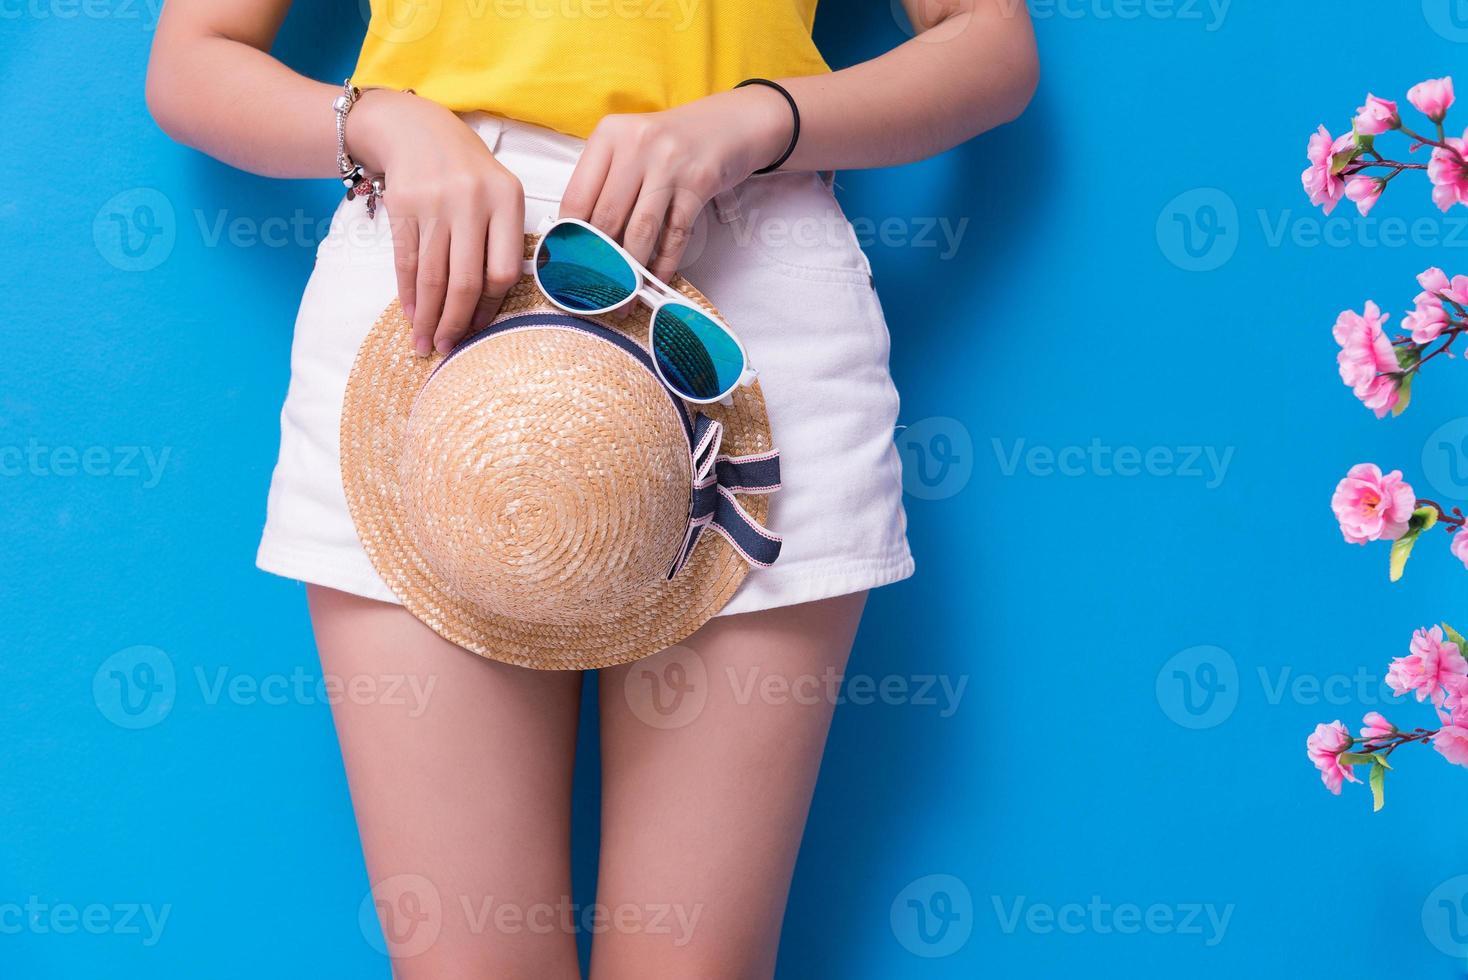 Nahaufnahme der Schönheitsfrau, die mit Sonnenbrille und Strohhut vor blauem Wandhintergrund aufwirft. Sommer- und Vintage-Konzept. Glück Lifestyle und Menschen Portrait Thema. süßer Pastellton. Unterkörper foto